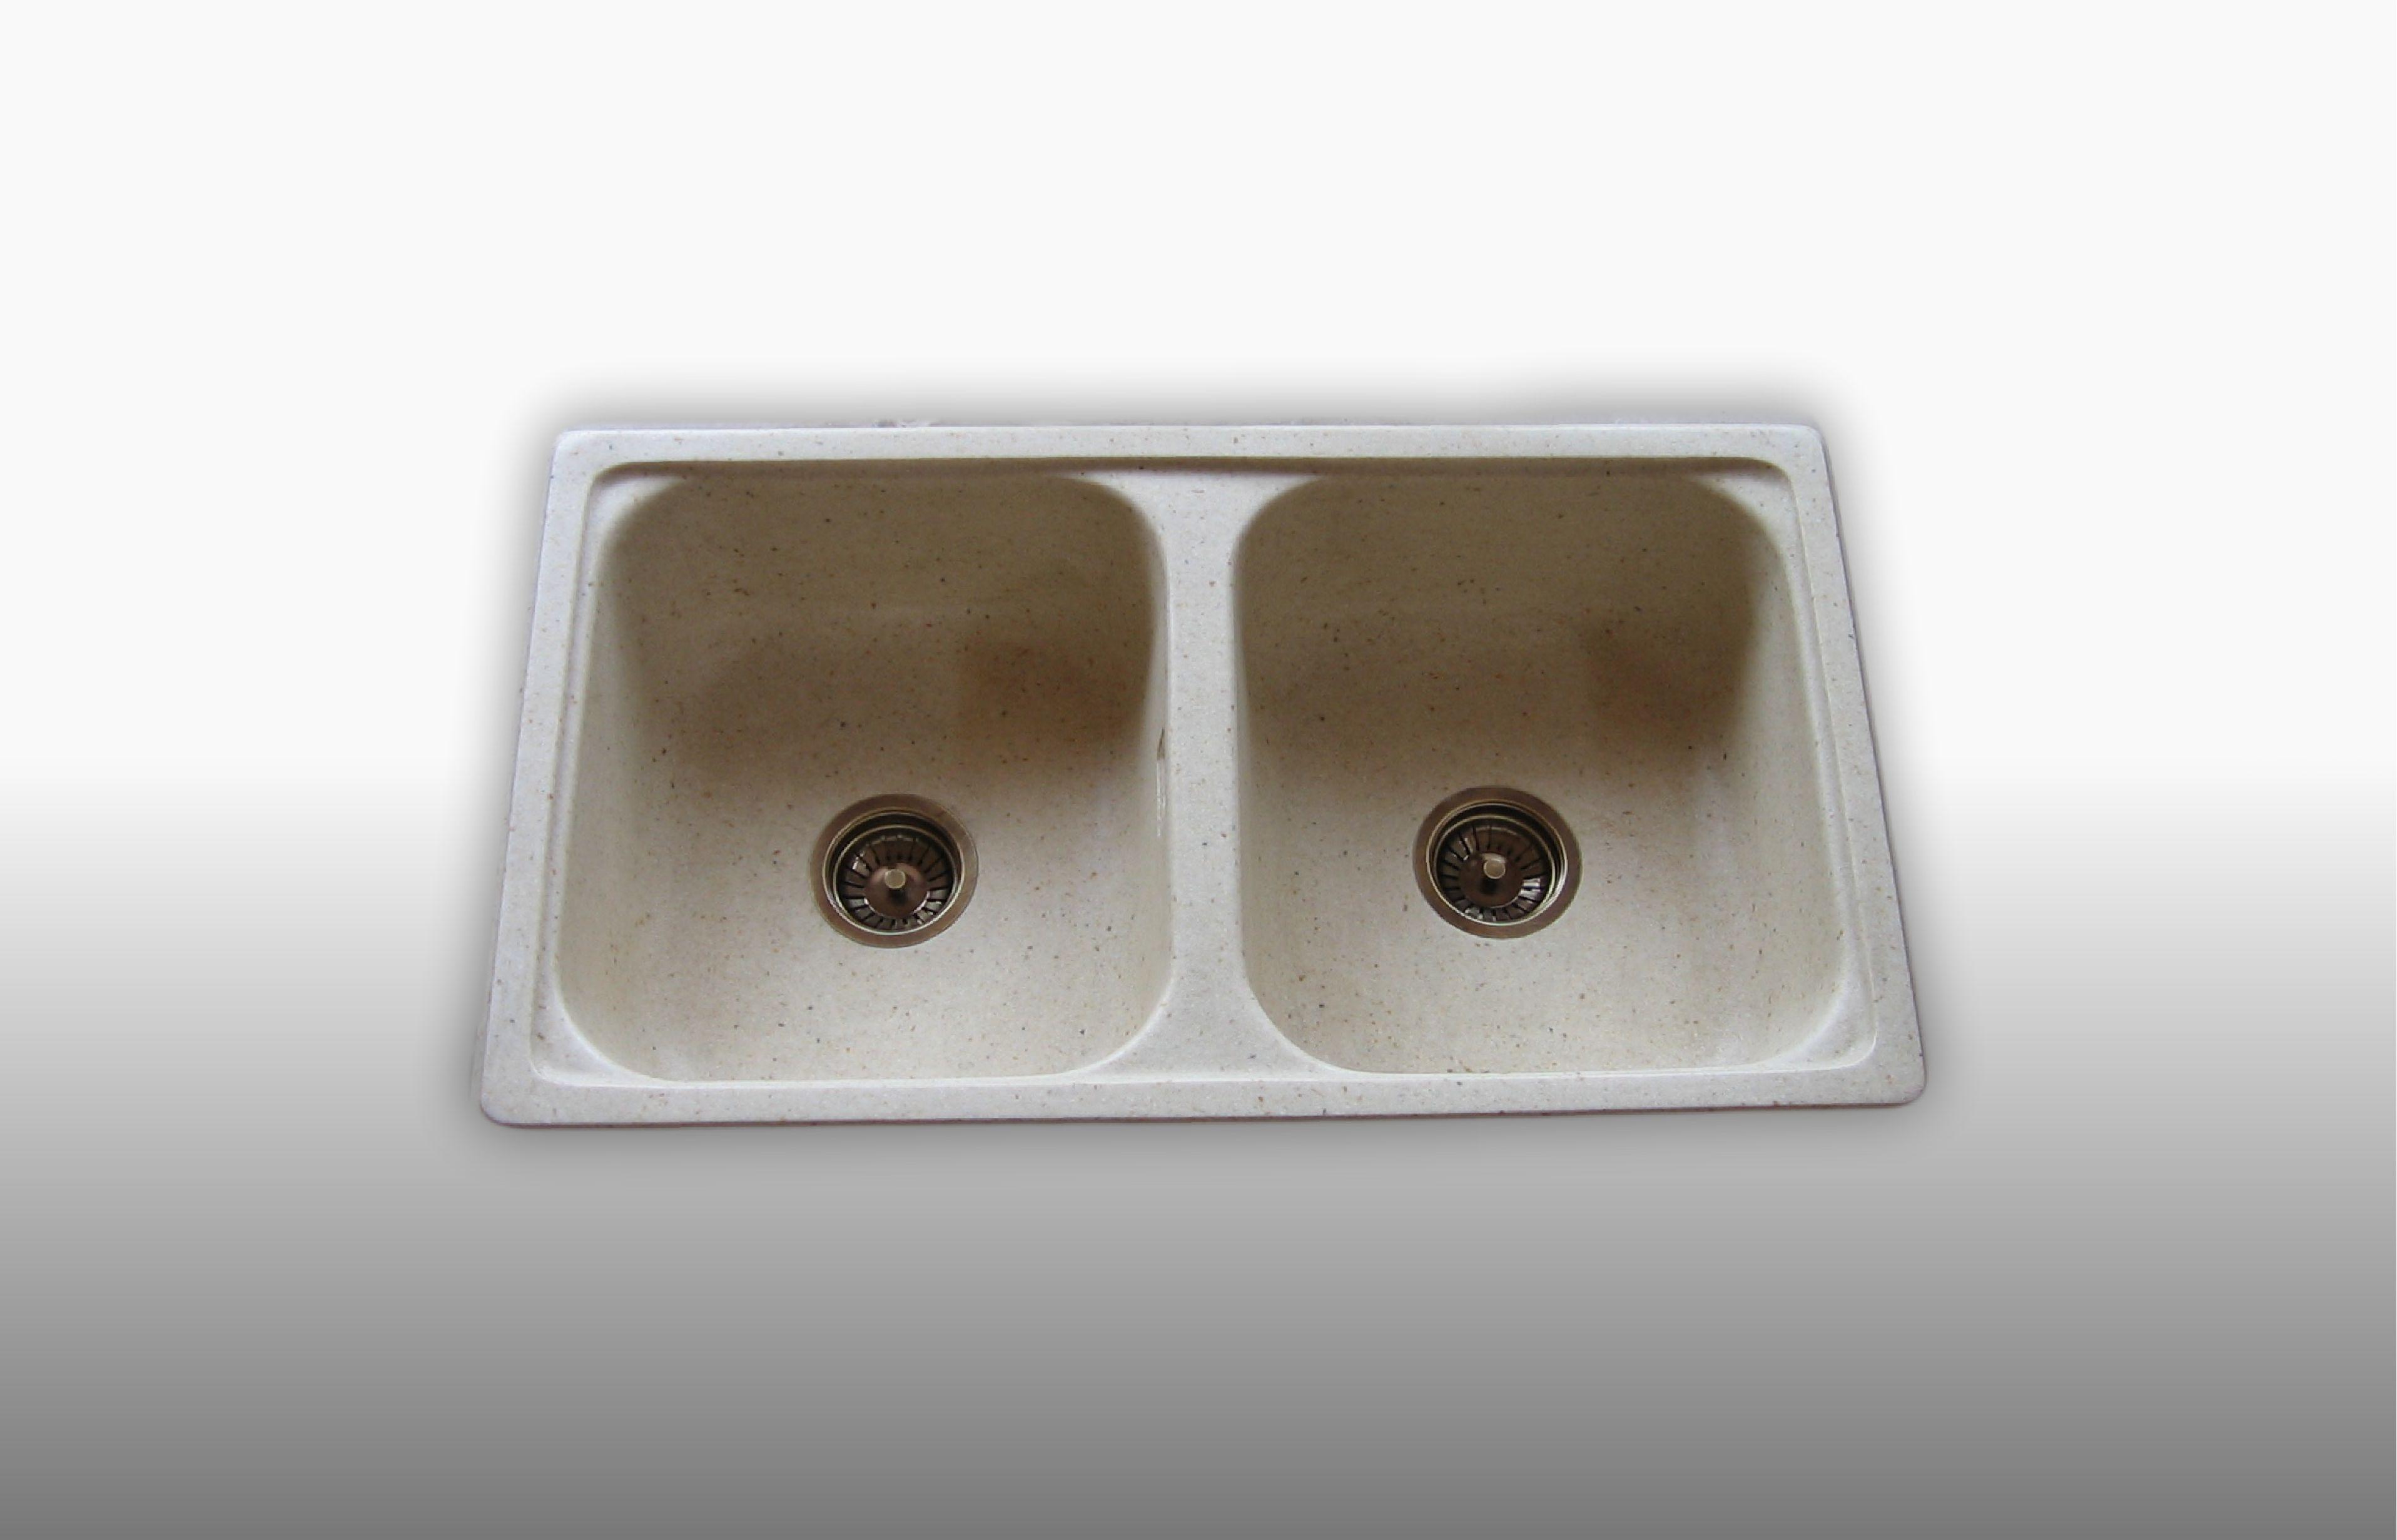 Lavello da incasso in graniglia 2 Vasche colore avorio - misura 86x50 cm  - prezzo 260,00 - 366€